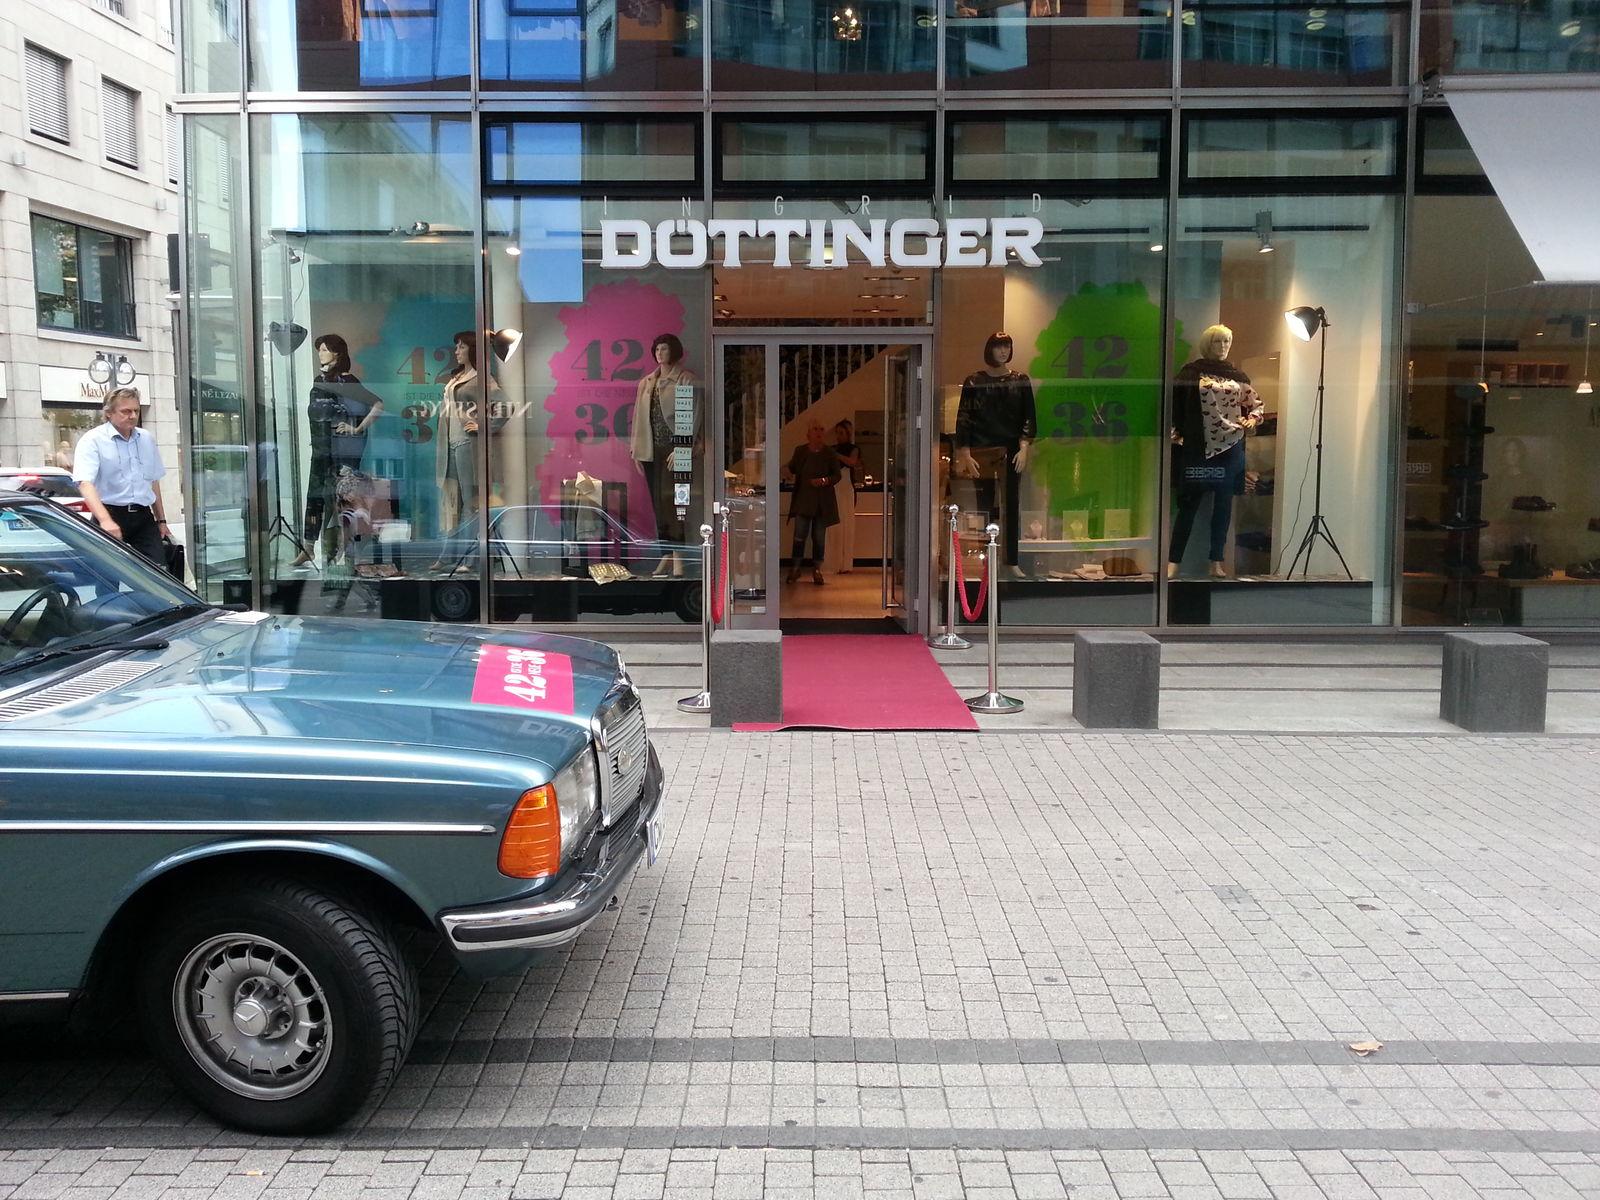 Ingrid Döttinger in Stuttgart (Bild 2)